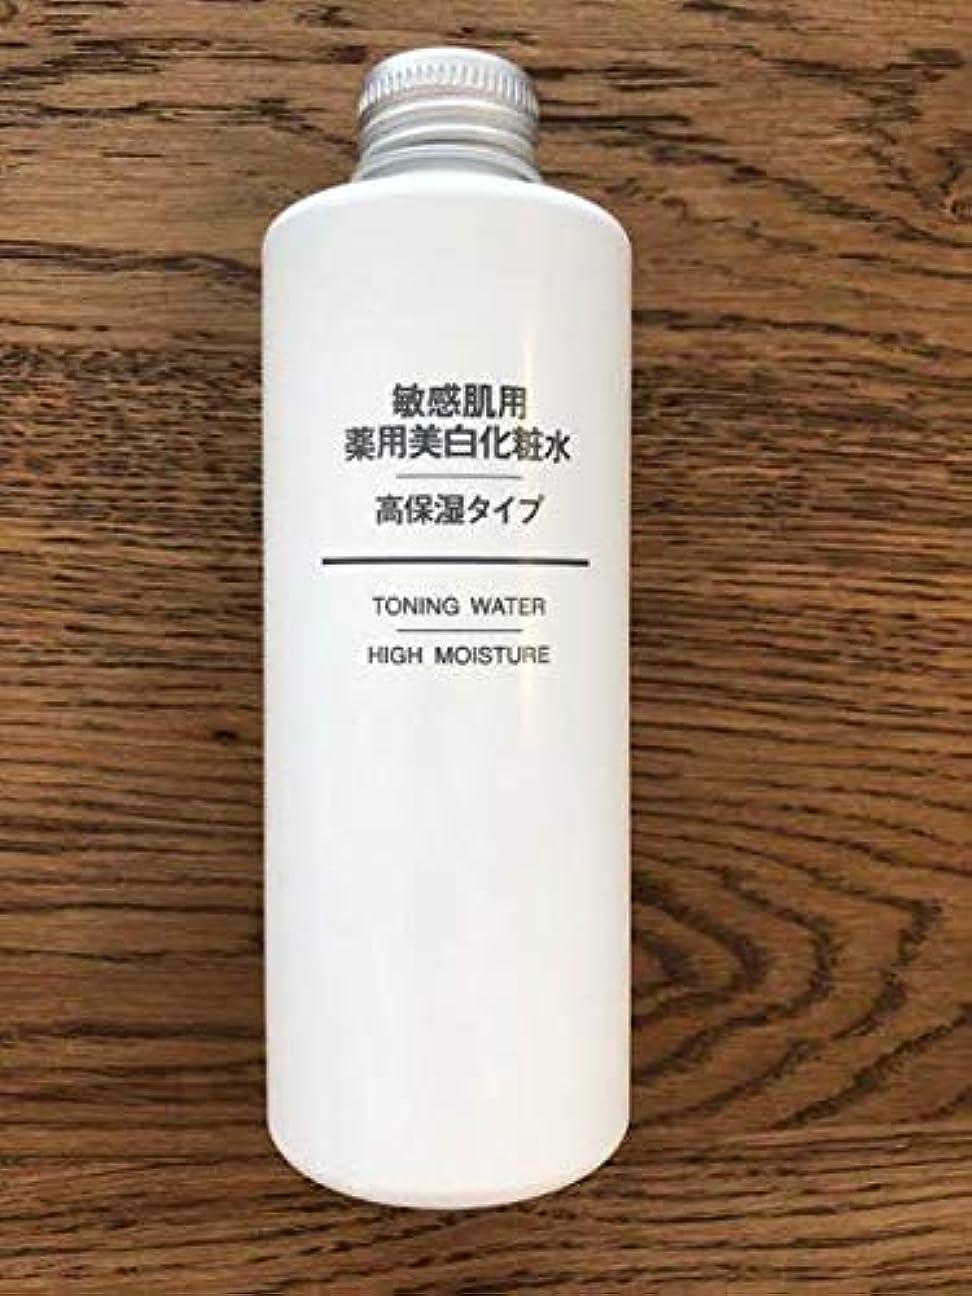 後方に北西方法論無印良品 敏感肌用 薬用美白化粧水 高保湿タイプ (新)200ml